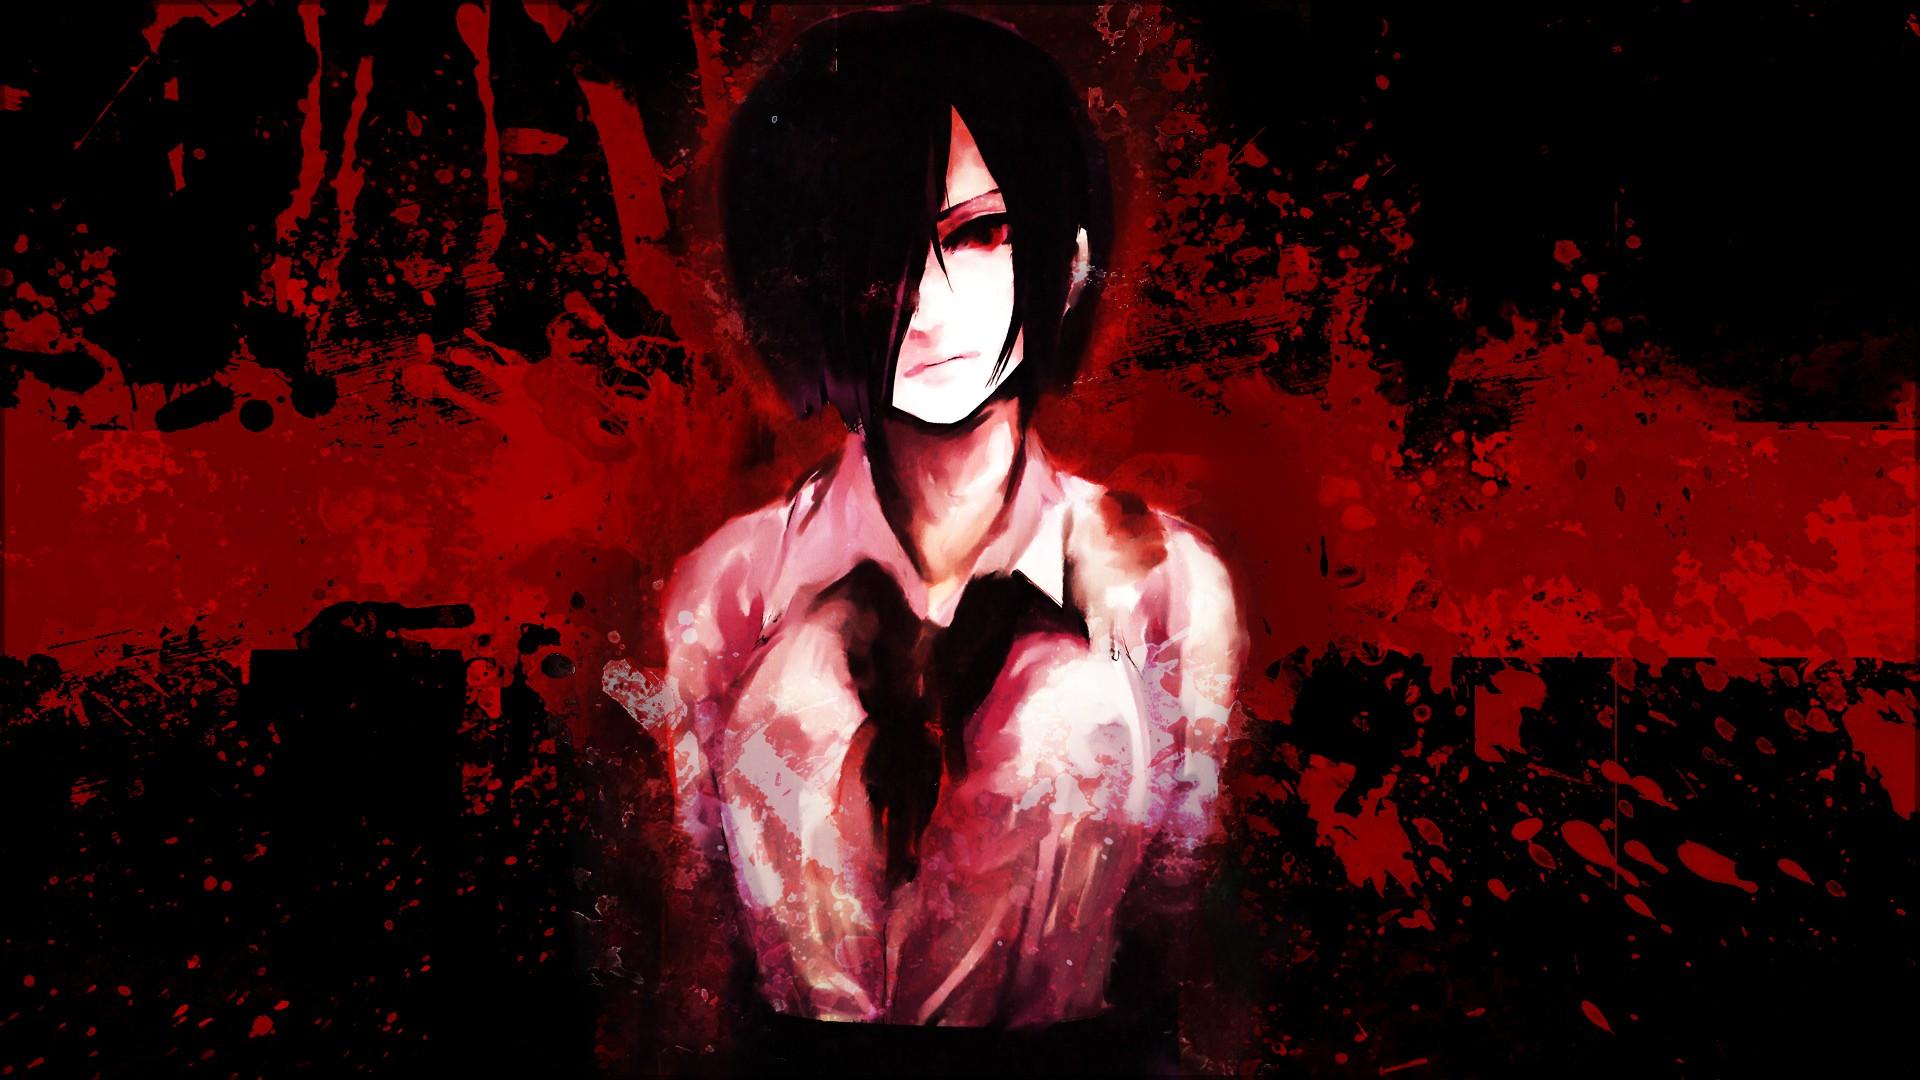 Wallpaper Red Tokyo Ghoul Kirishima Touka Darkness